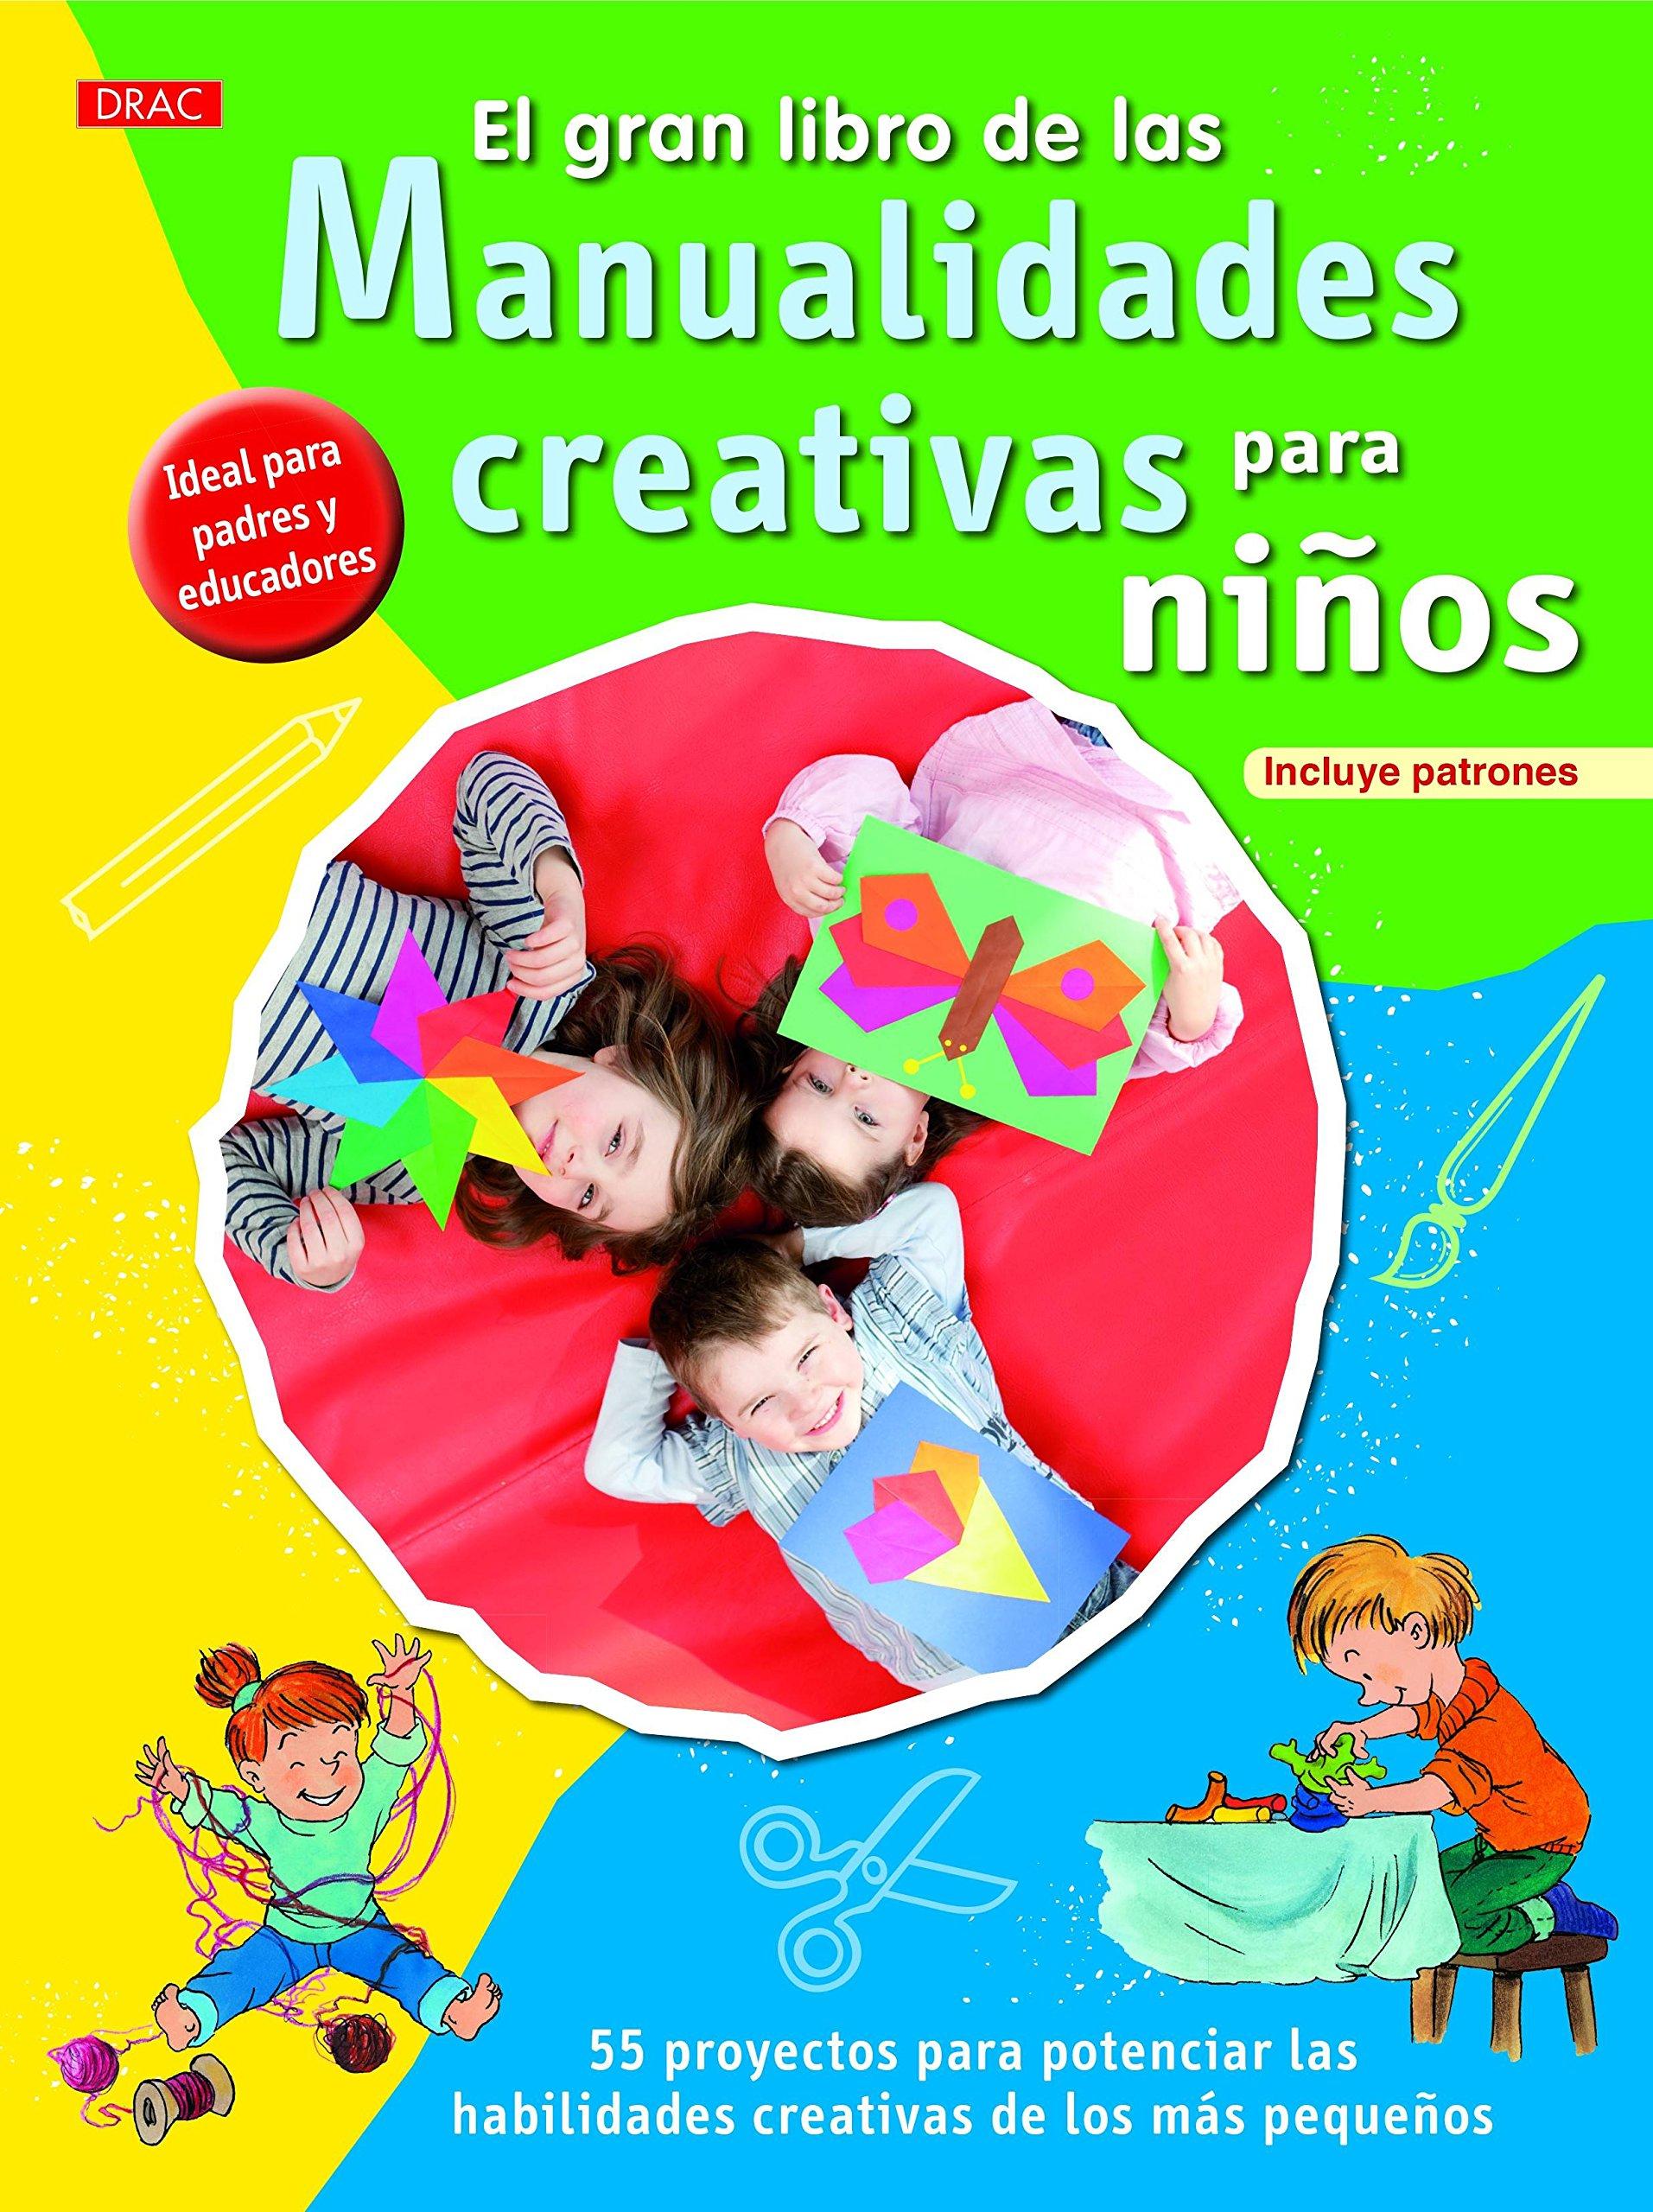 El gran libro de las manualidades creativas para niños (Spanish) Paperback – 2013